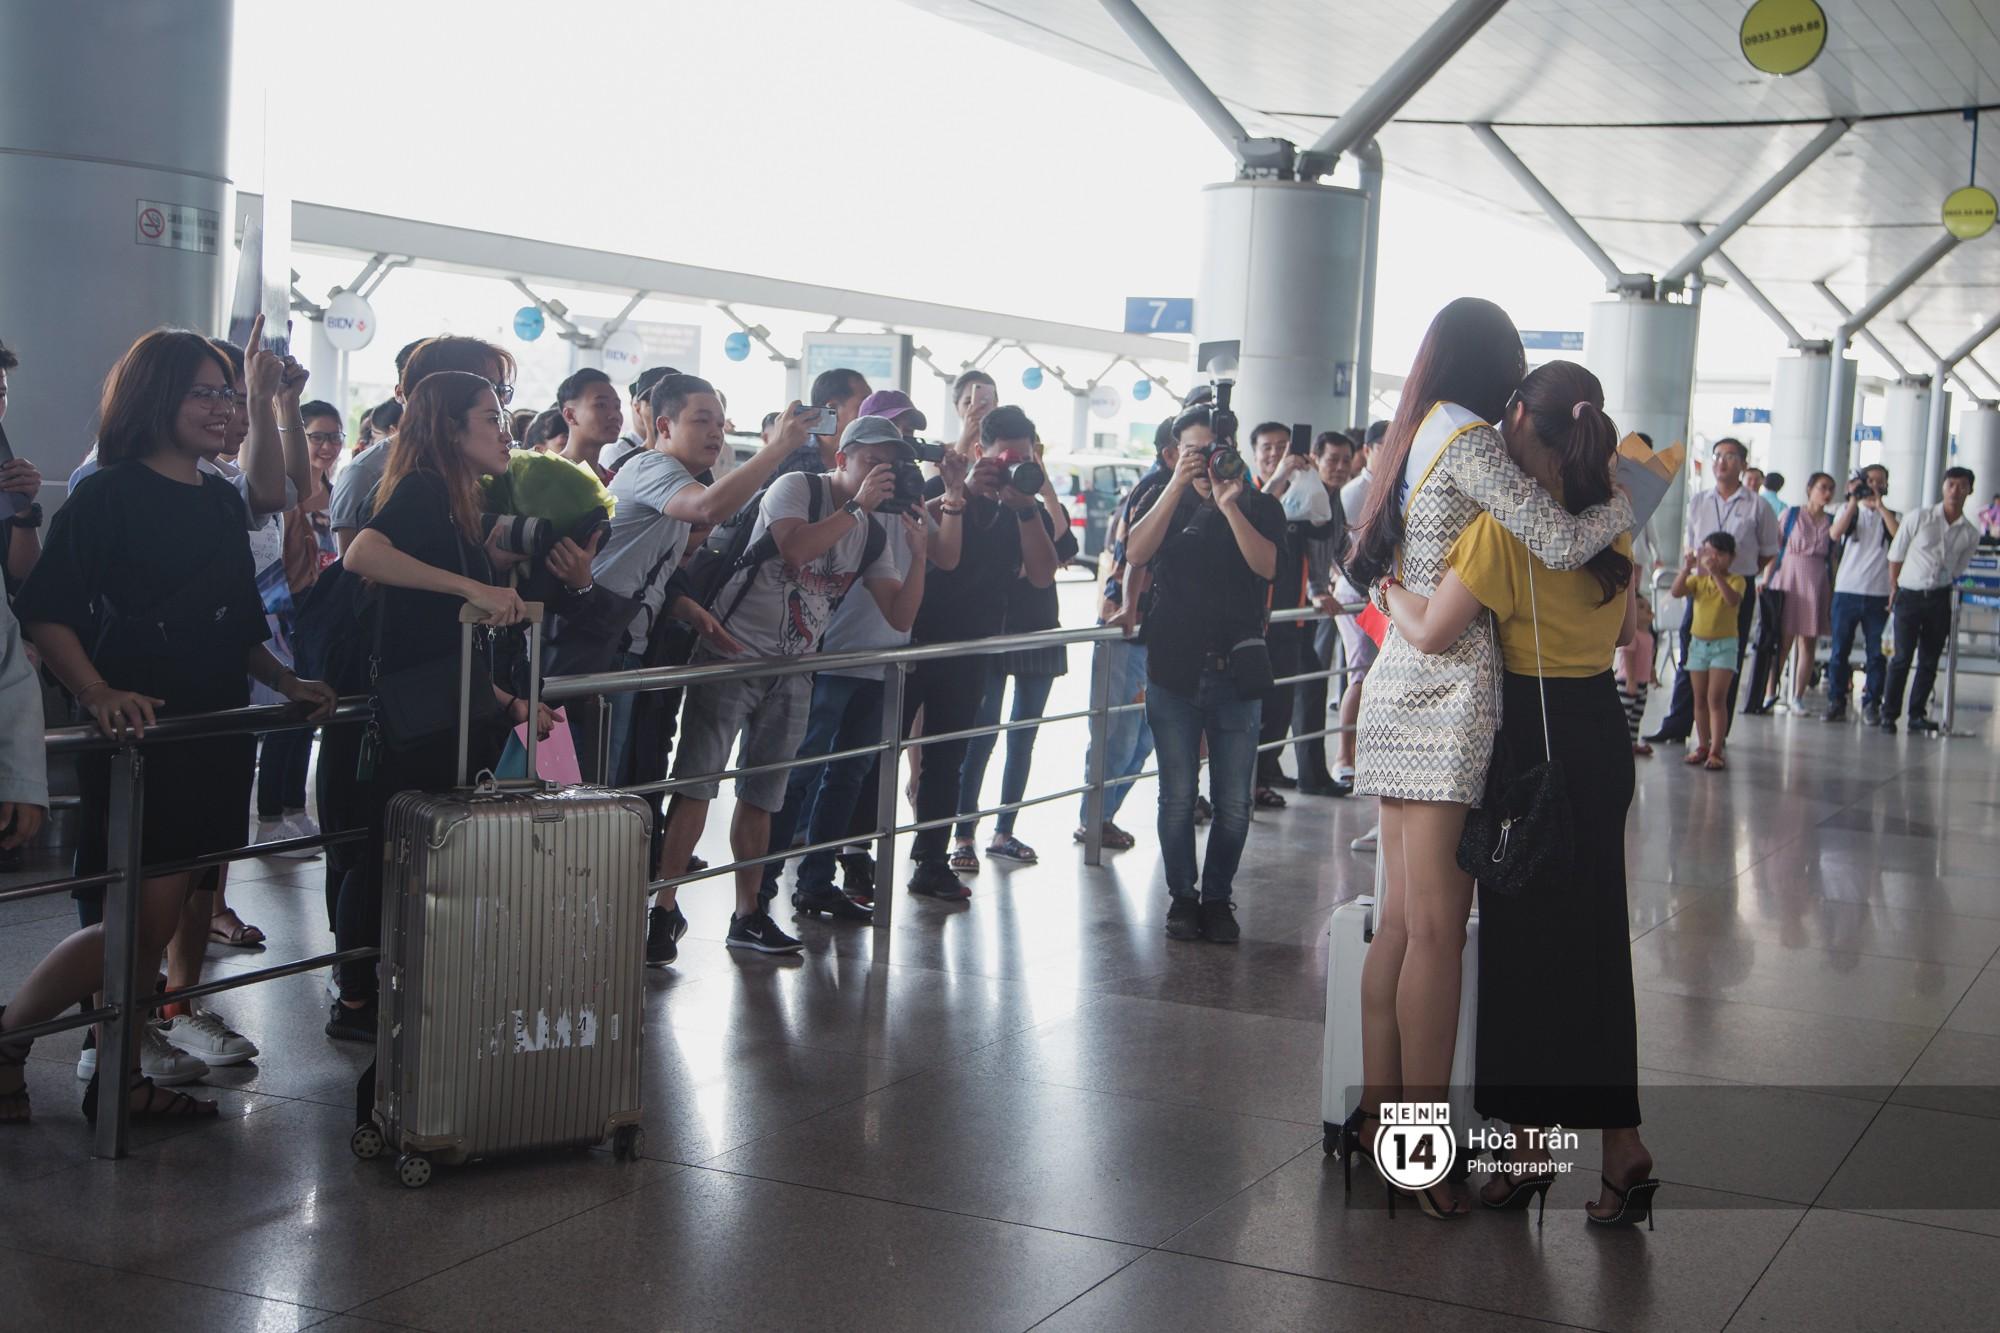 Mẹ cùng người hâm mộ tiễn Trần Tiểu Vy lên đường sang Trung Quốc chinh chiến Miss World 2018 - Ảnh 11.